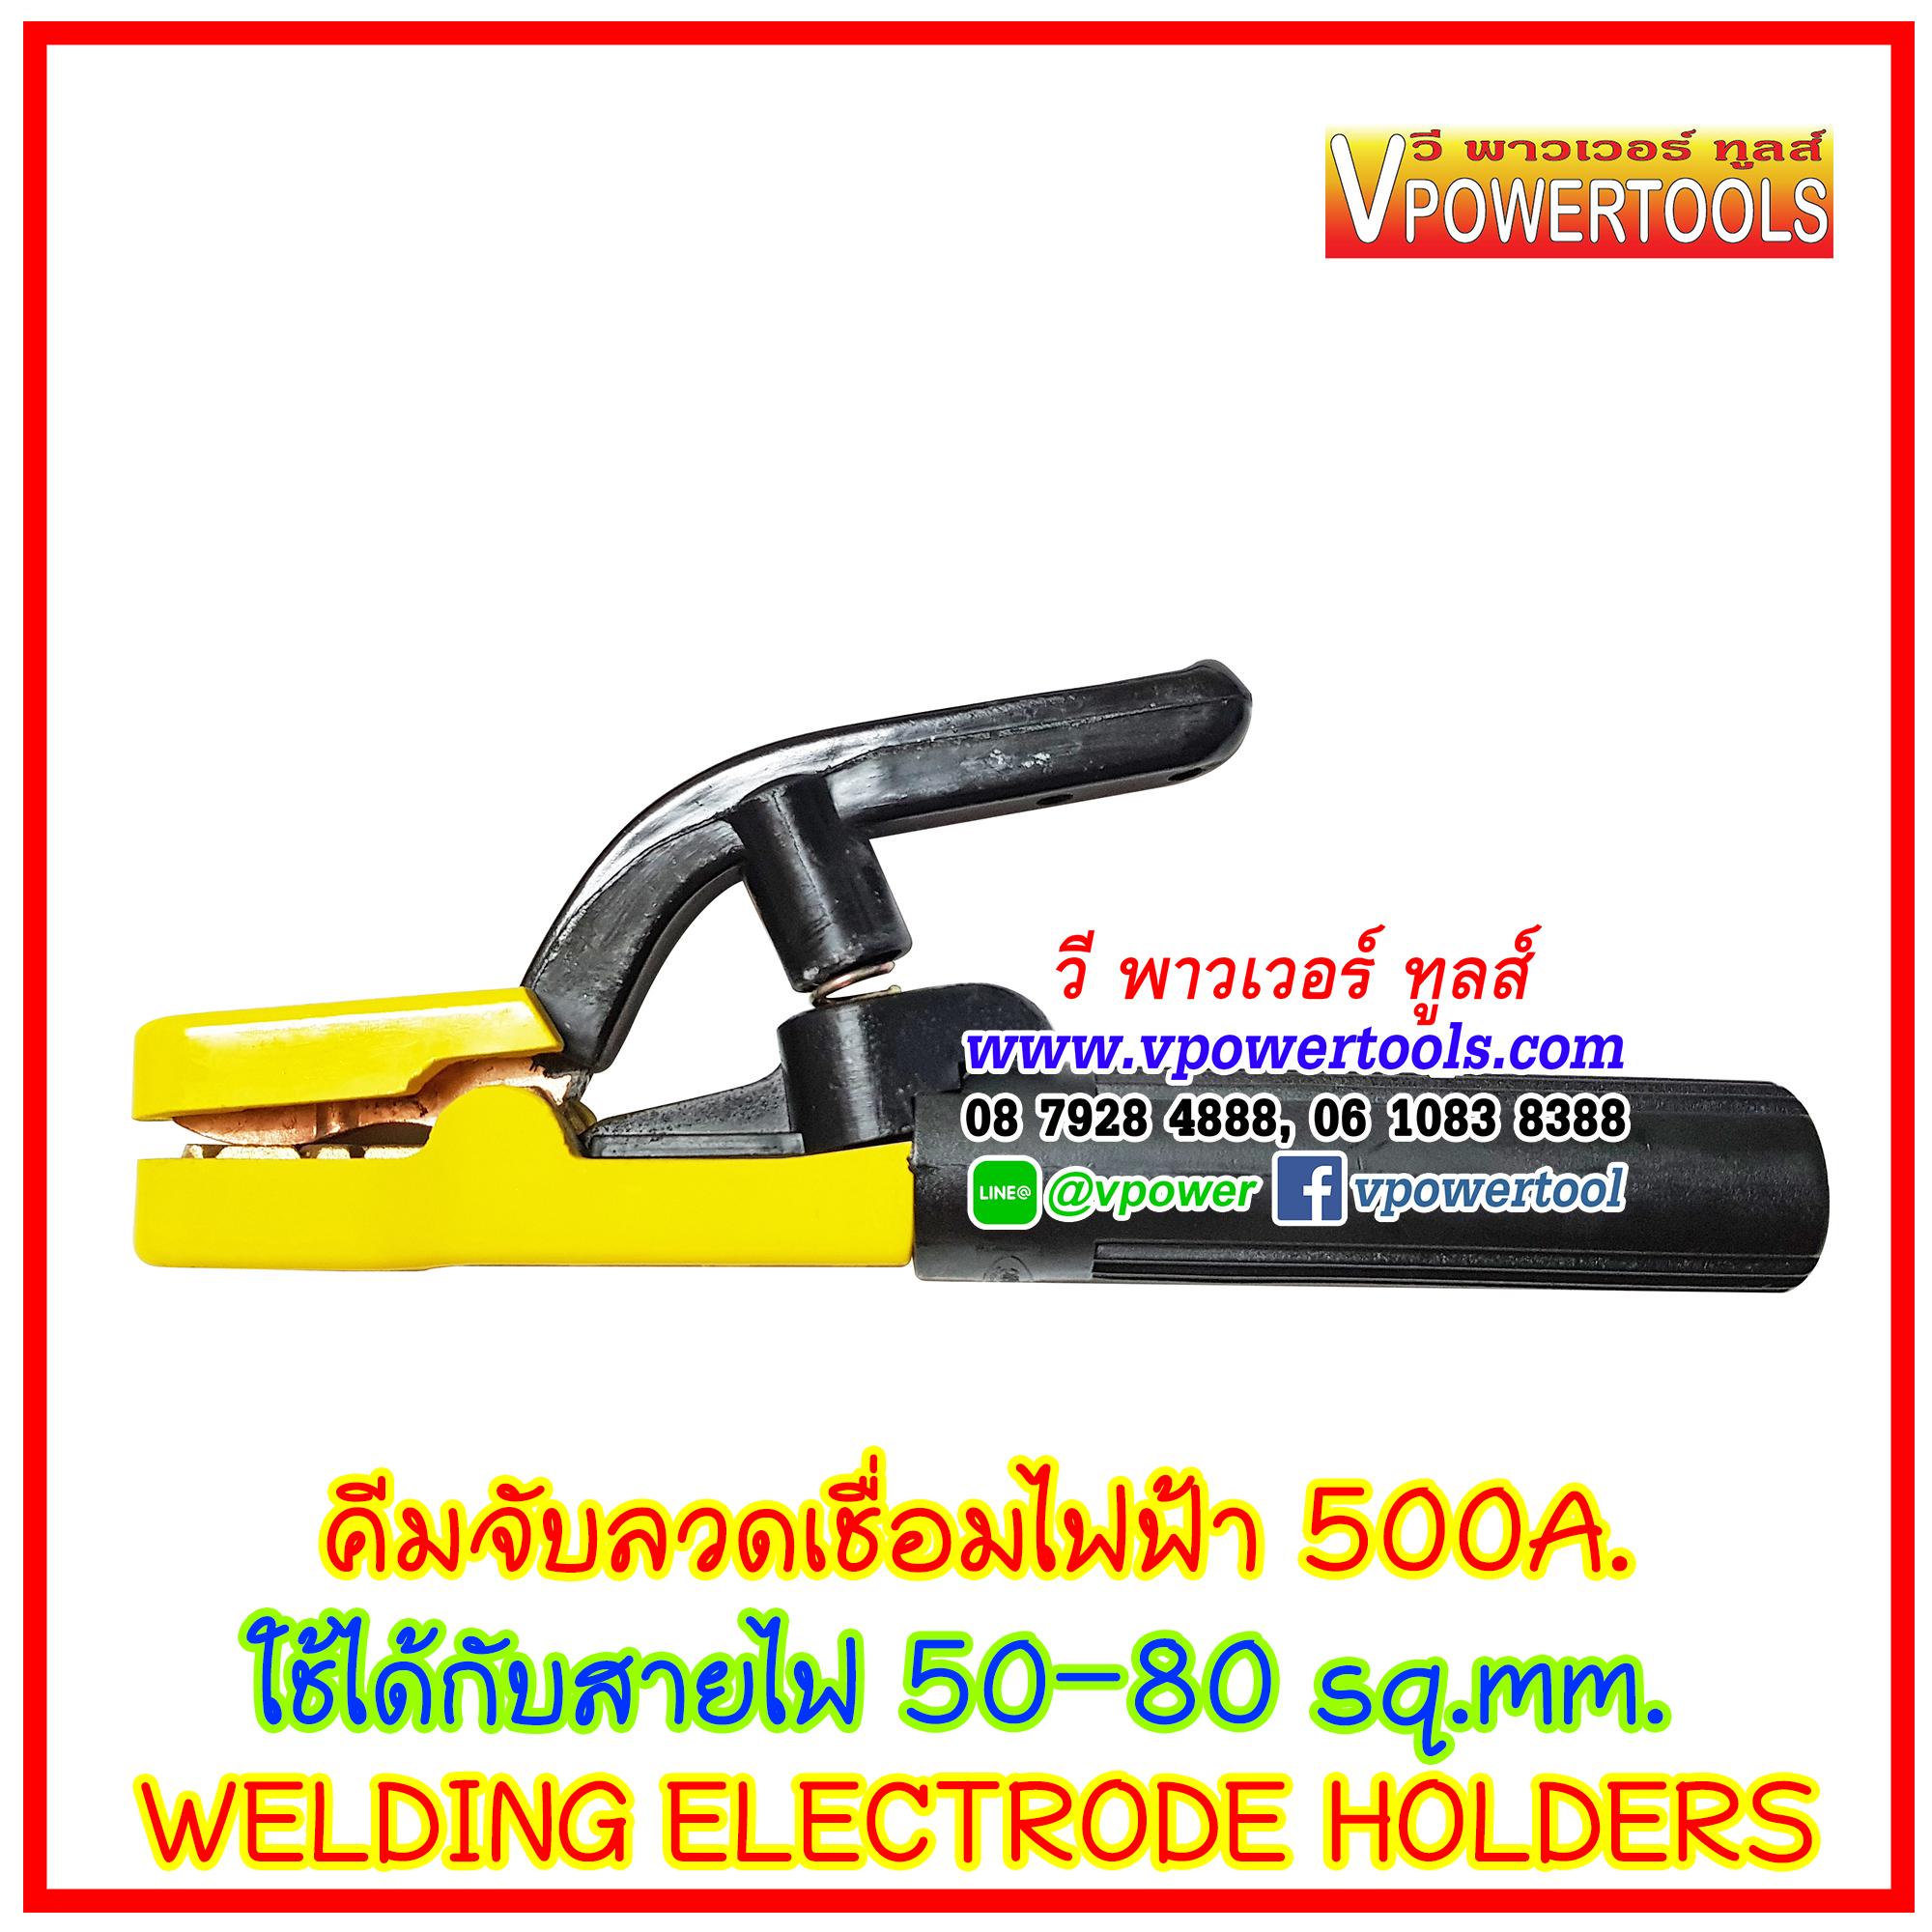 คีมจับลวดเชื่อมไฟฟ้า WELDING ELECTRODE HOLDERS 500A. (50-80sq.mm.)